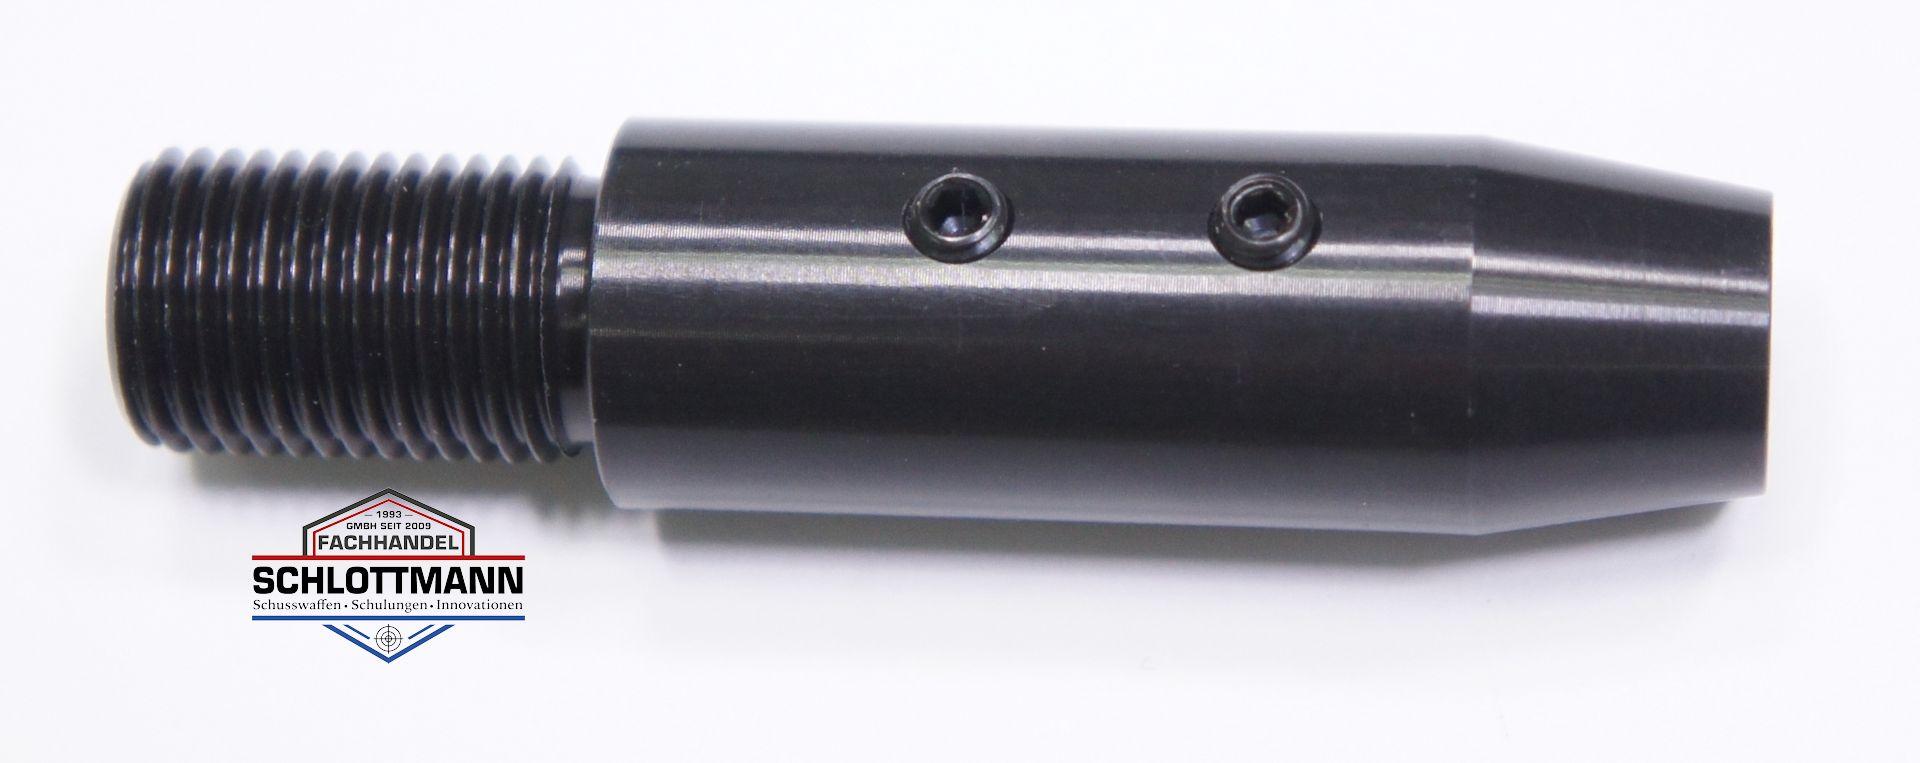 Schalldämpferadapter für CO2 Repetierpistole CP1-M. Hier sehen Sie die klemmschrauben an der Unterseite